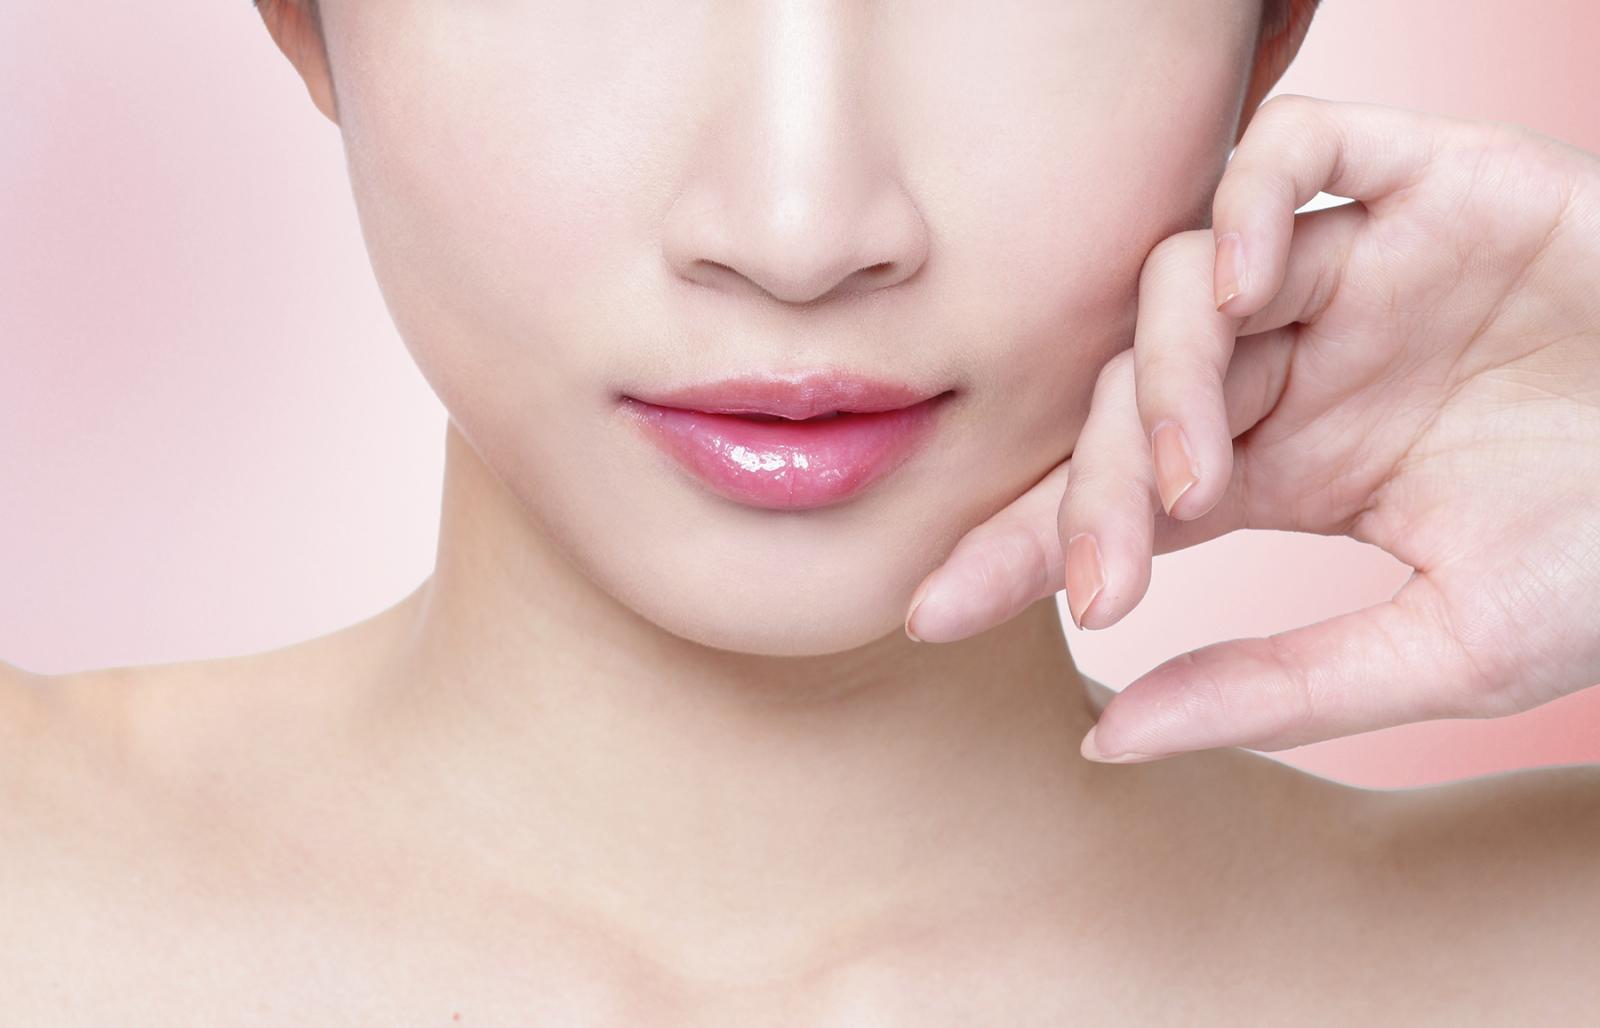 крем от покраснений на лице придаст коже равномерный тон